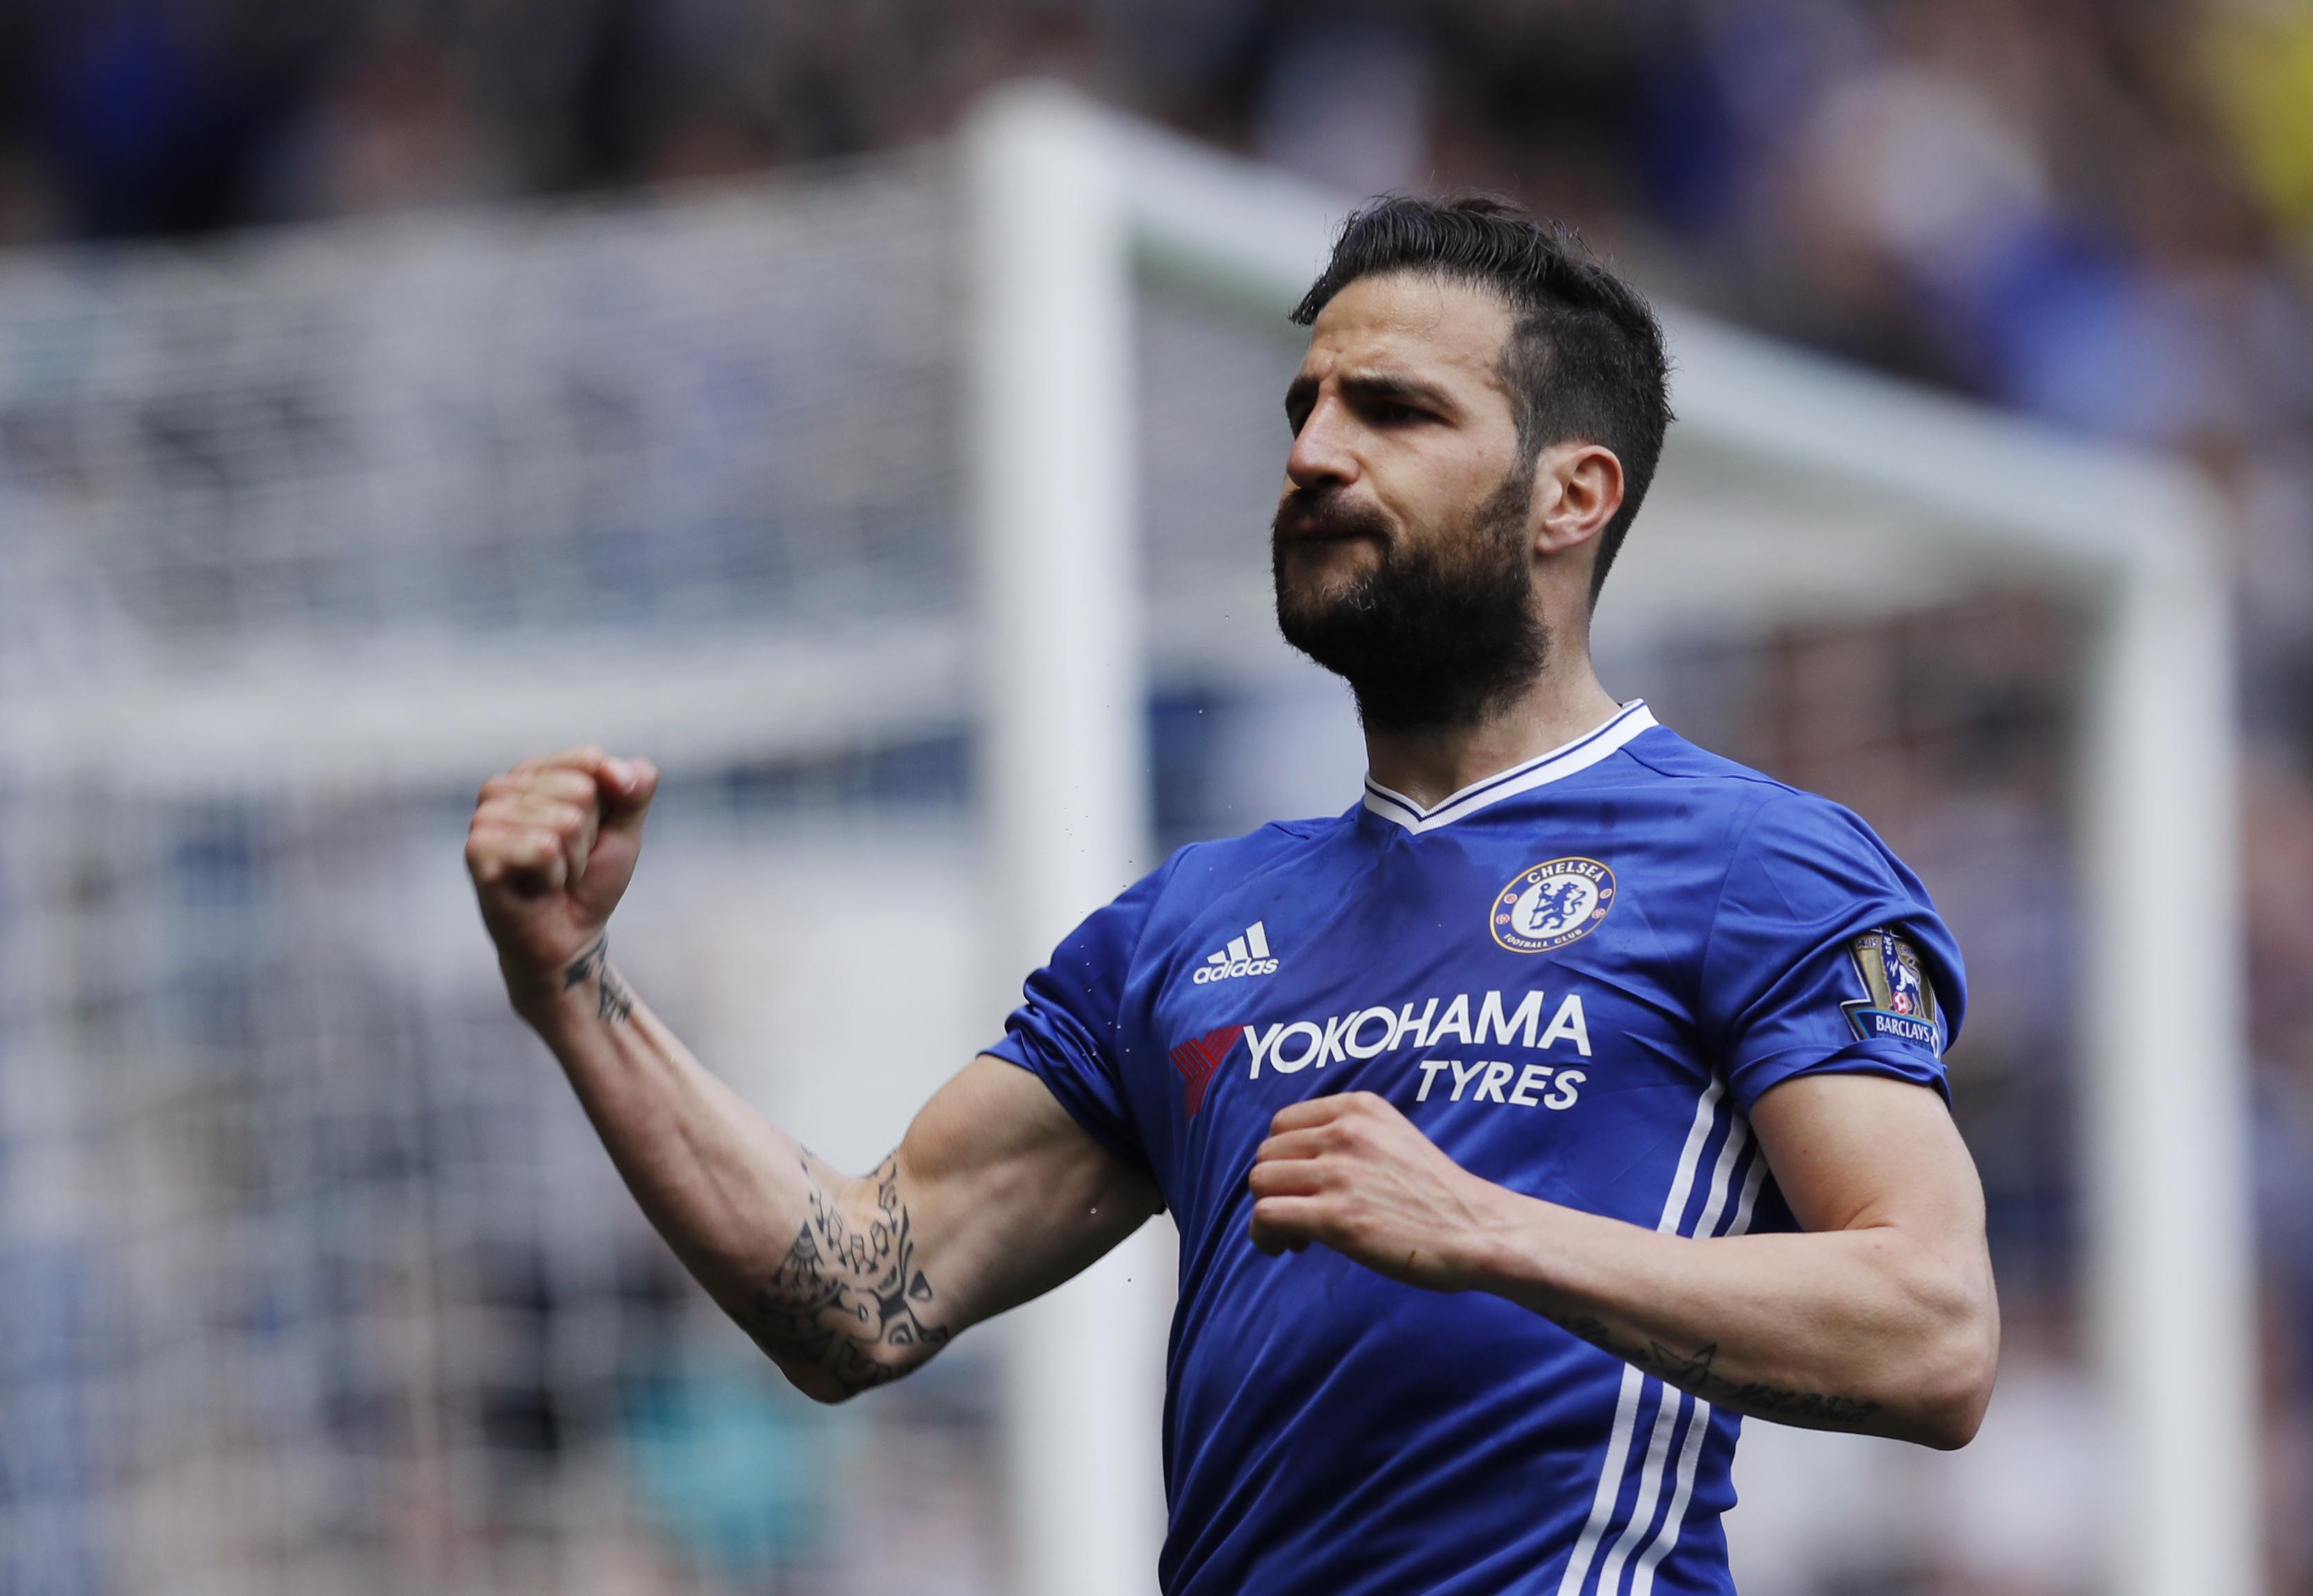 ae9cd2febc Chelsea tem acordo milionário com novo fornecedor de material esportivo